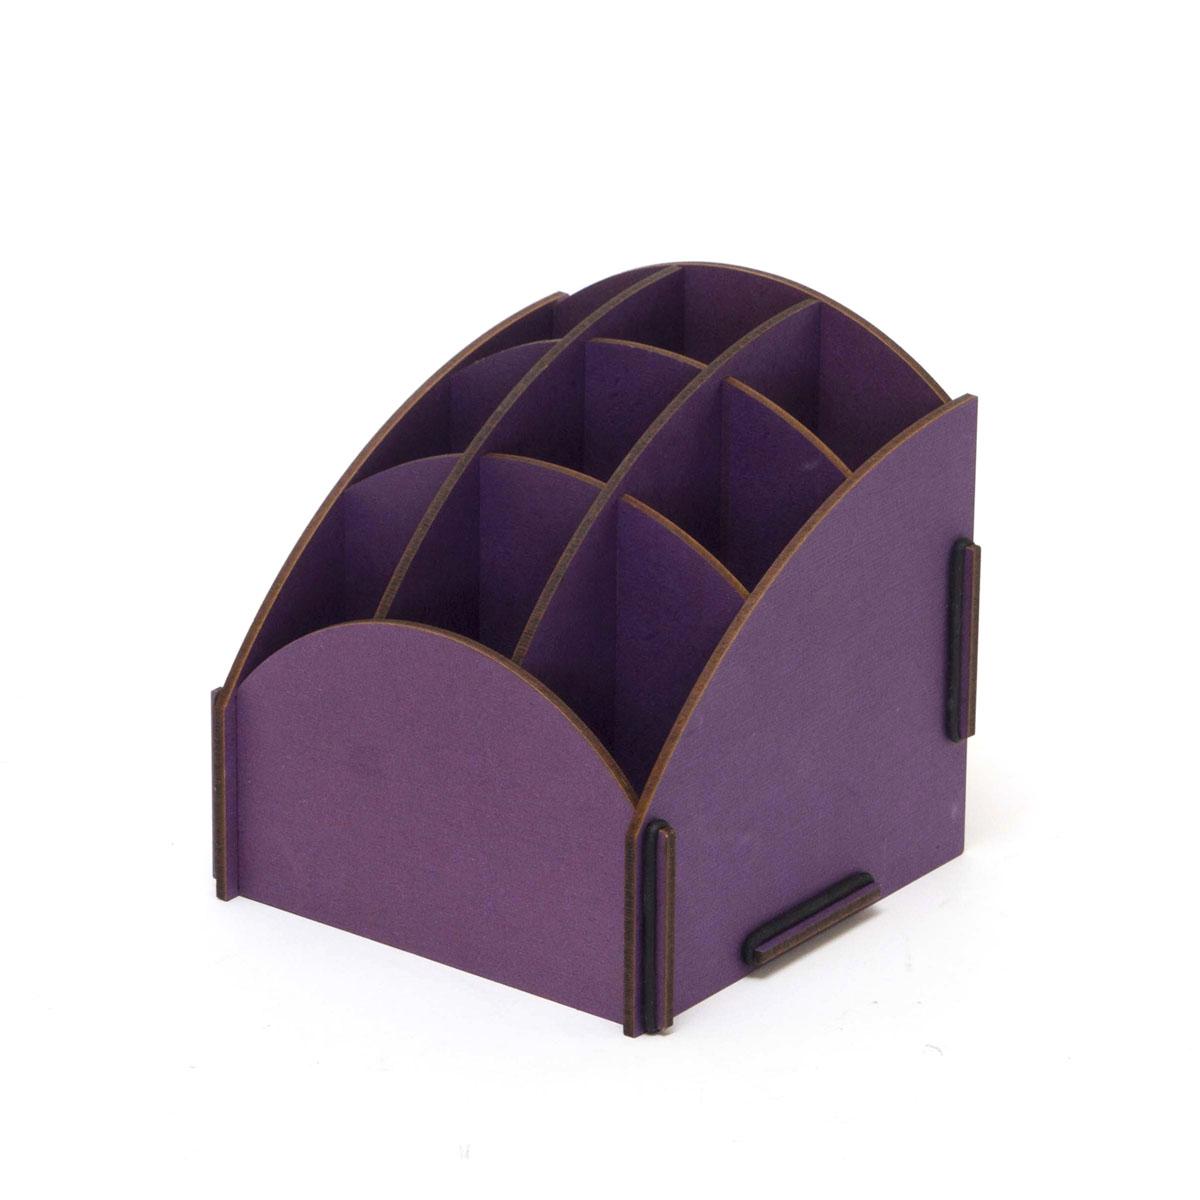 Органайзер настольный Homsu, 9 секций, цвет: фиолетовый, 13,8 x 13,8 x 14 смS03301004Настольный органайзер Homsu выполнен из МДФ и легко собирается из съемных частей. Изделие имеет 9 отделений для хранения документов, канцелярских предметов и всяких мелочей. Органайзер просто незаменим на рабочем столе, он вместителен и не занимает много места. Оригинальный дизайн дополнит интерьер дома и разбавит цвет в скучном сером офисе. Размер: 13,8 х 13,8 х 14 см.